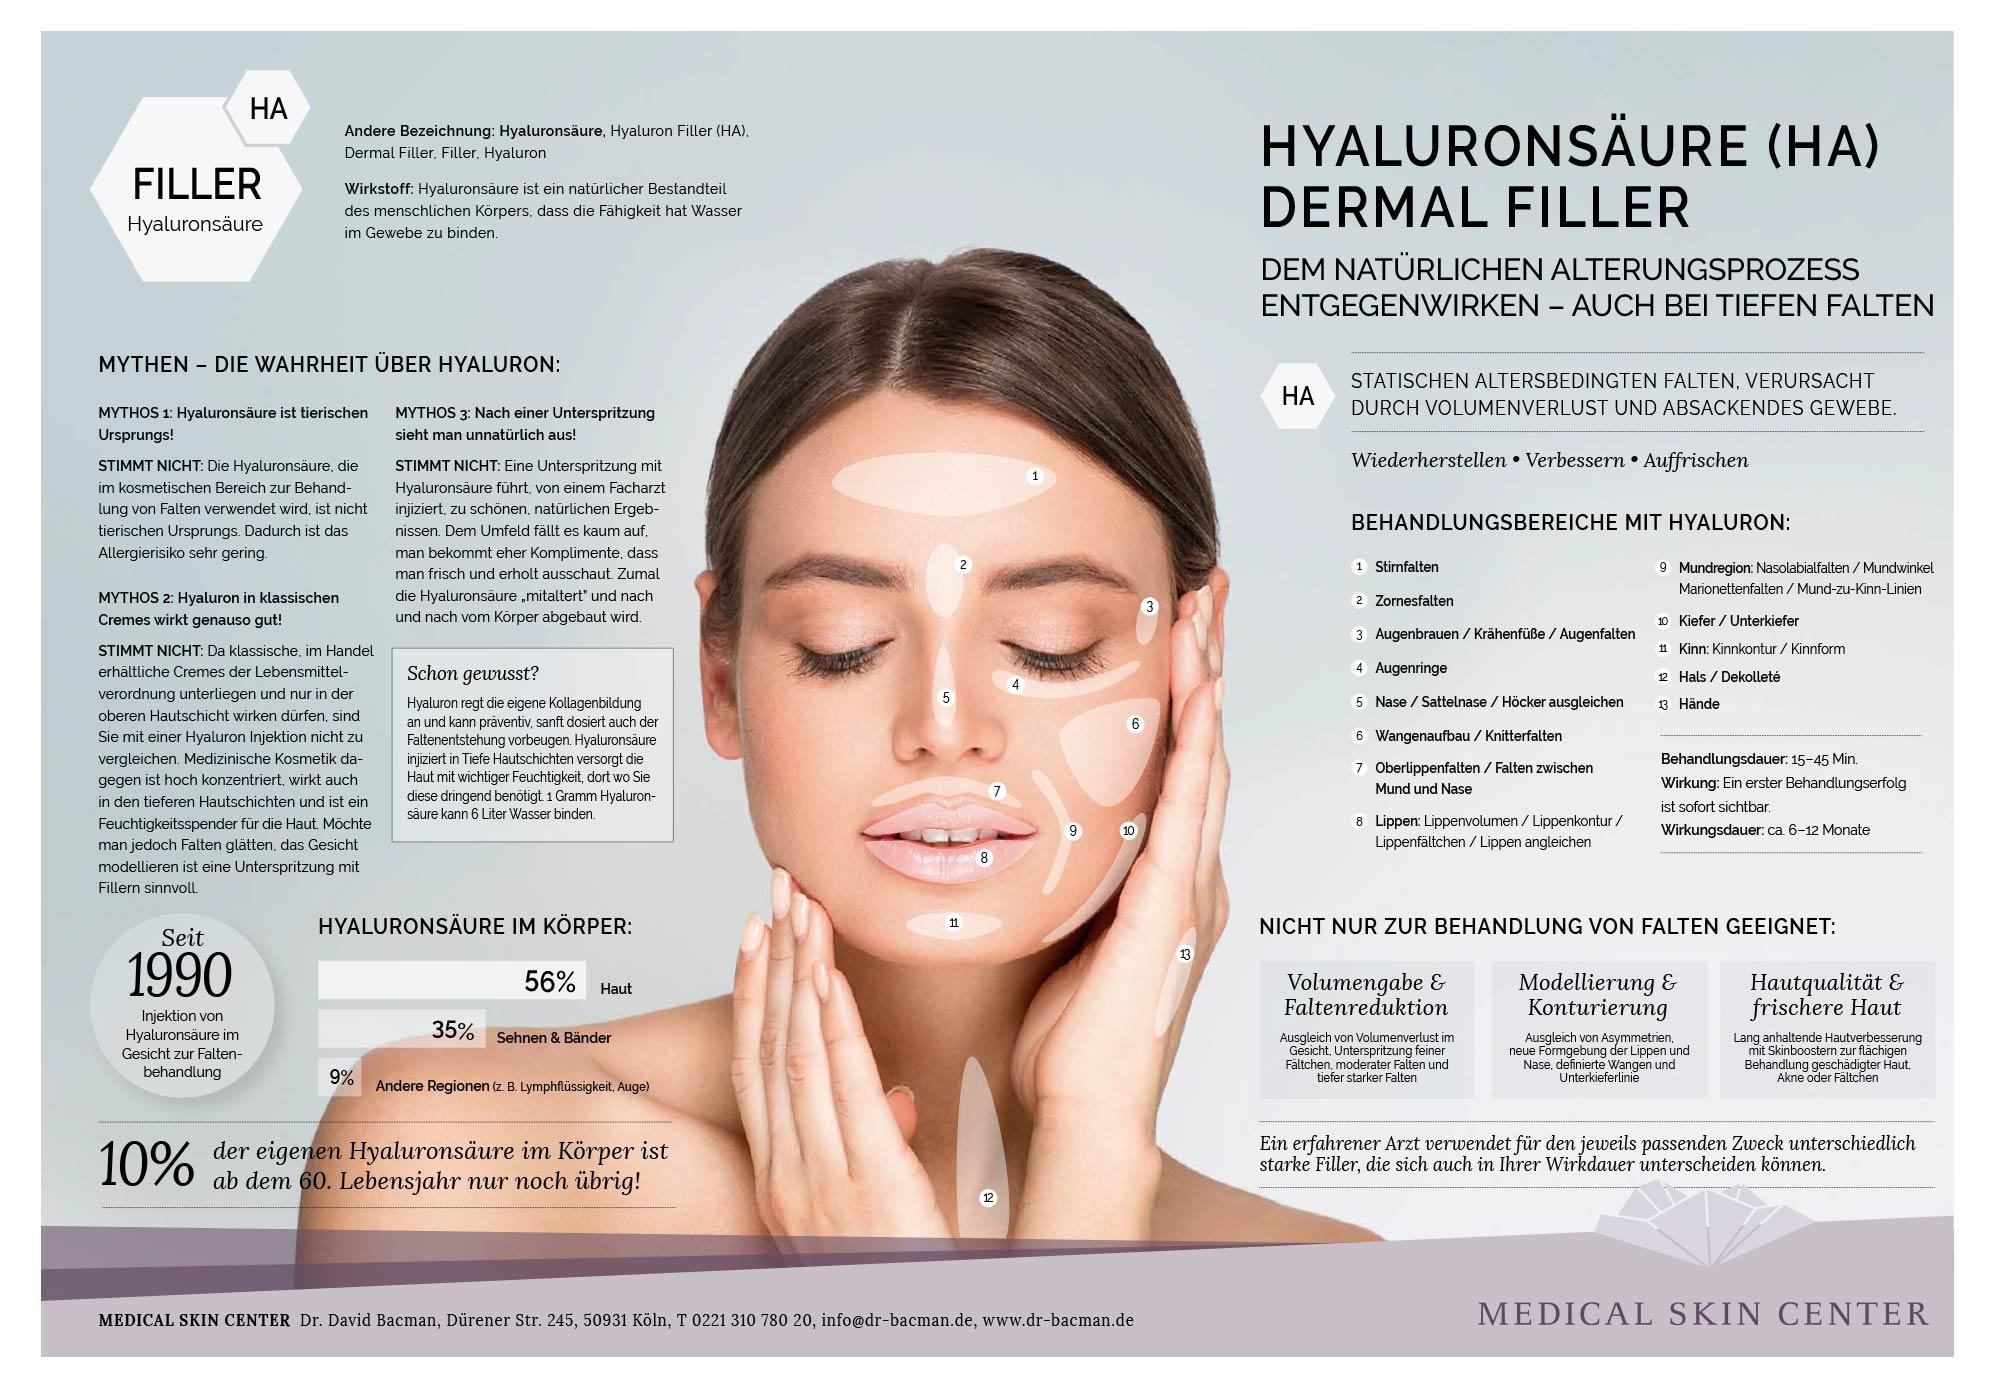 Infografik und Indikationen zu Hyaluronsäure Filler Köln Alterungsprozess